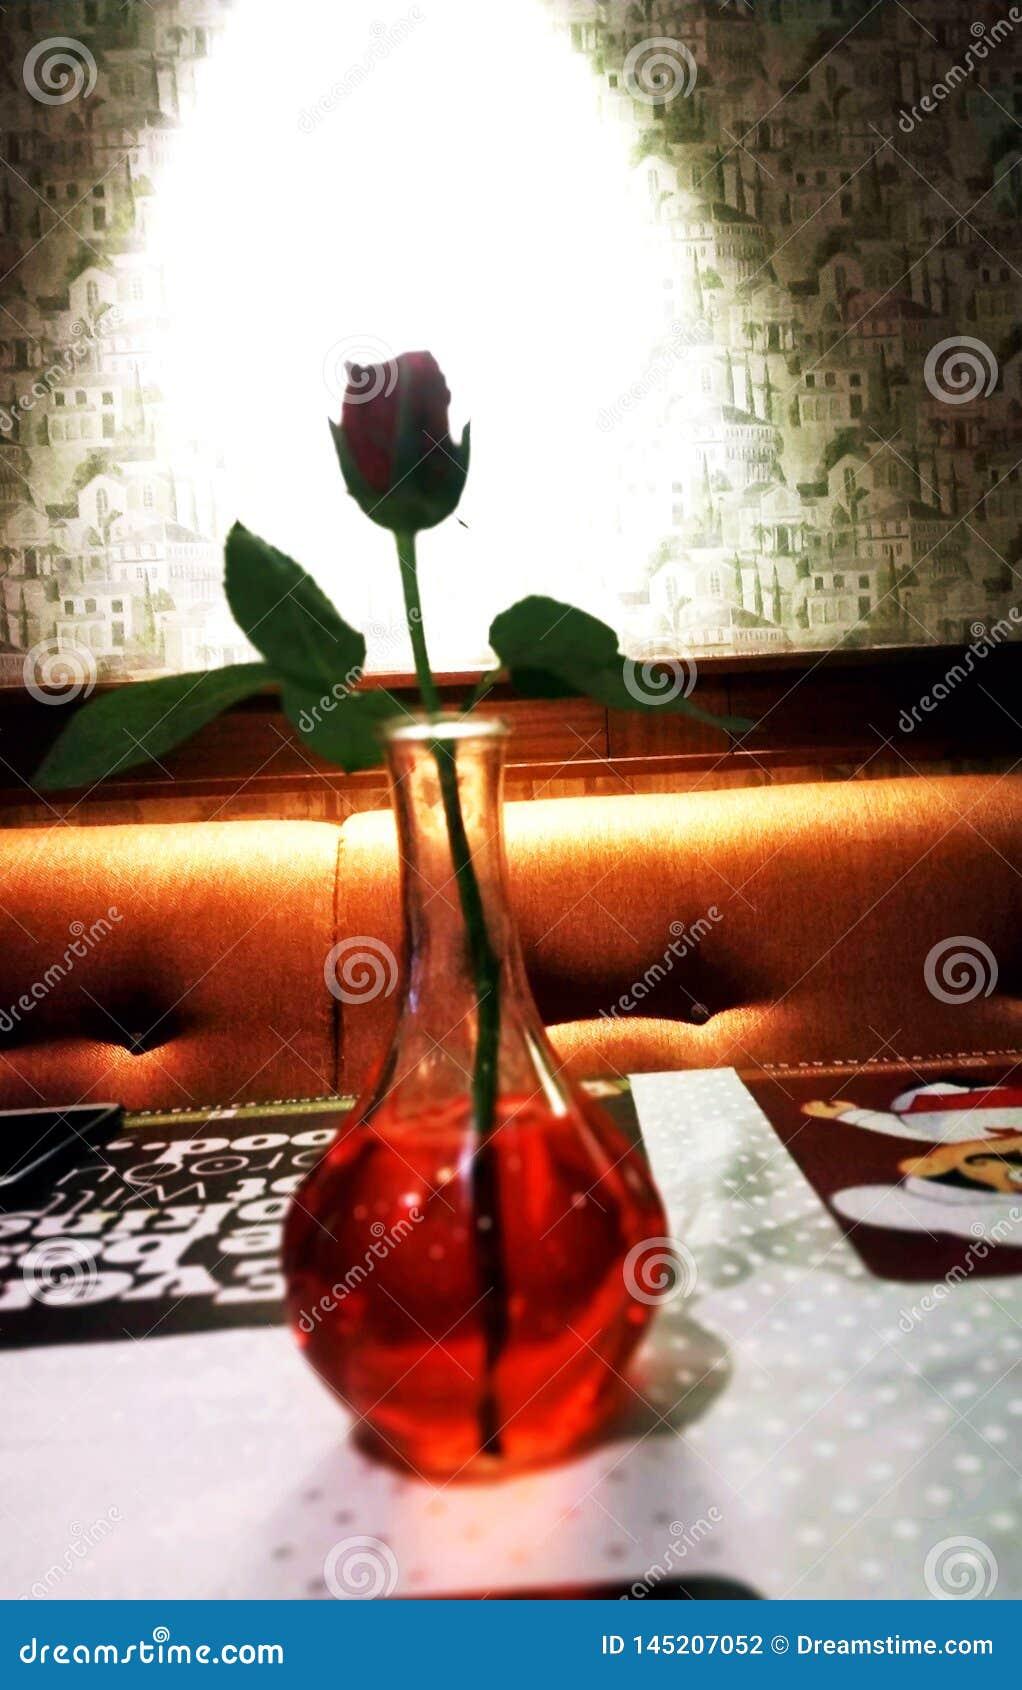 RedRose ama la indicación de los corazones de Love@Two puede conectar a través de una sola Rose